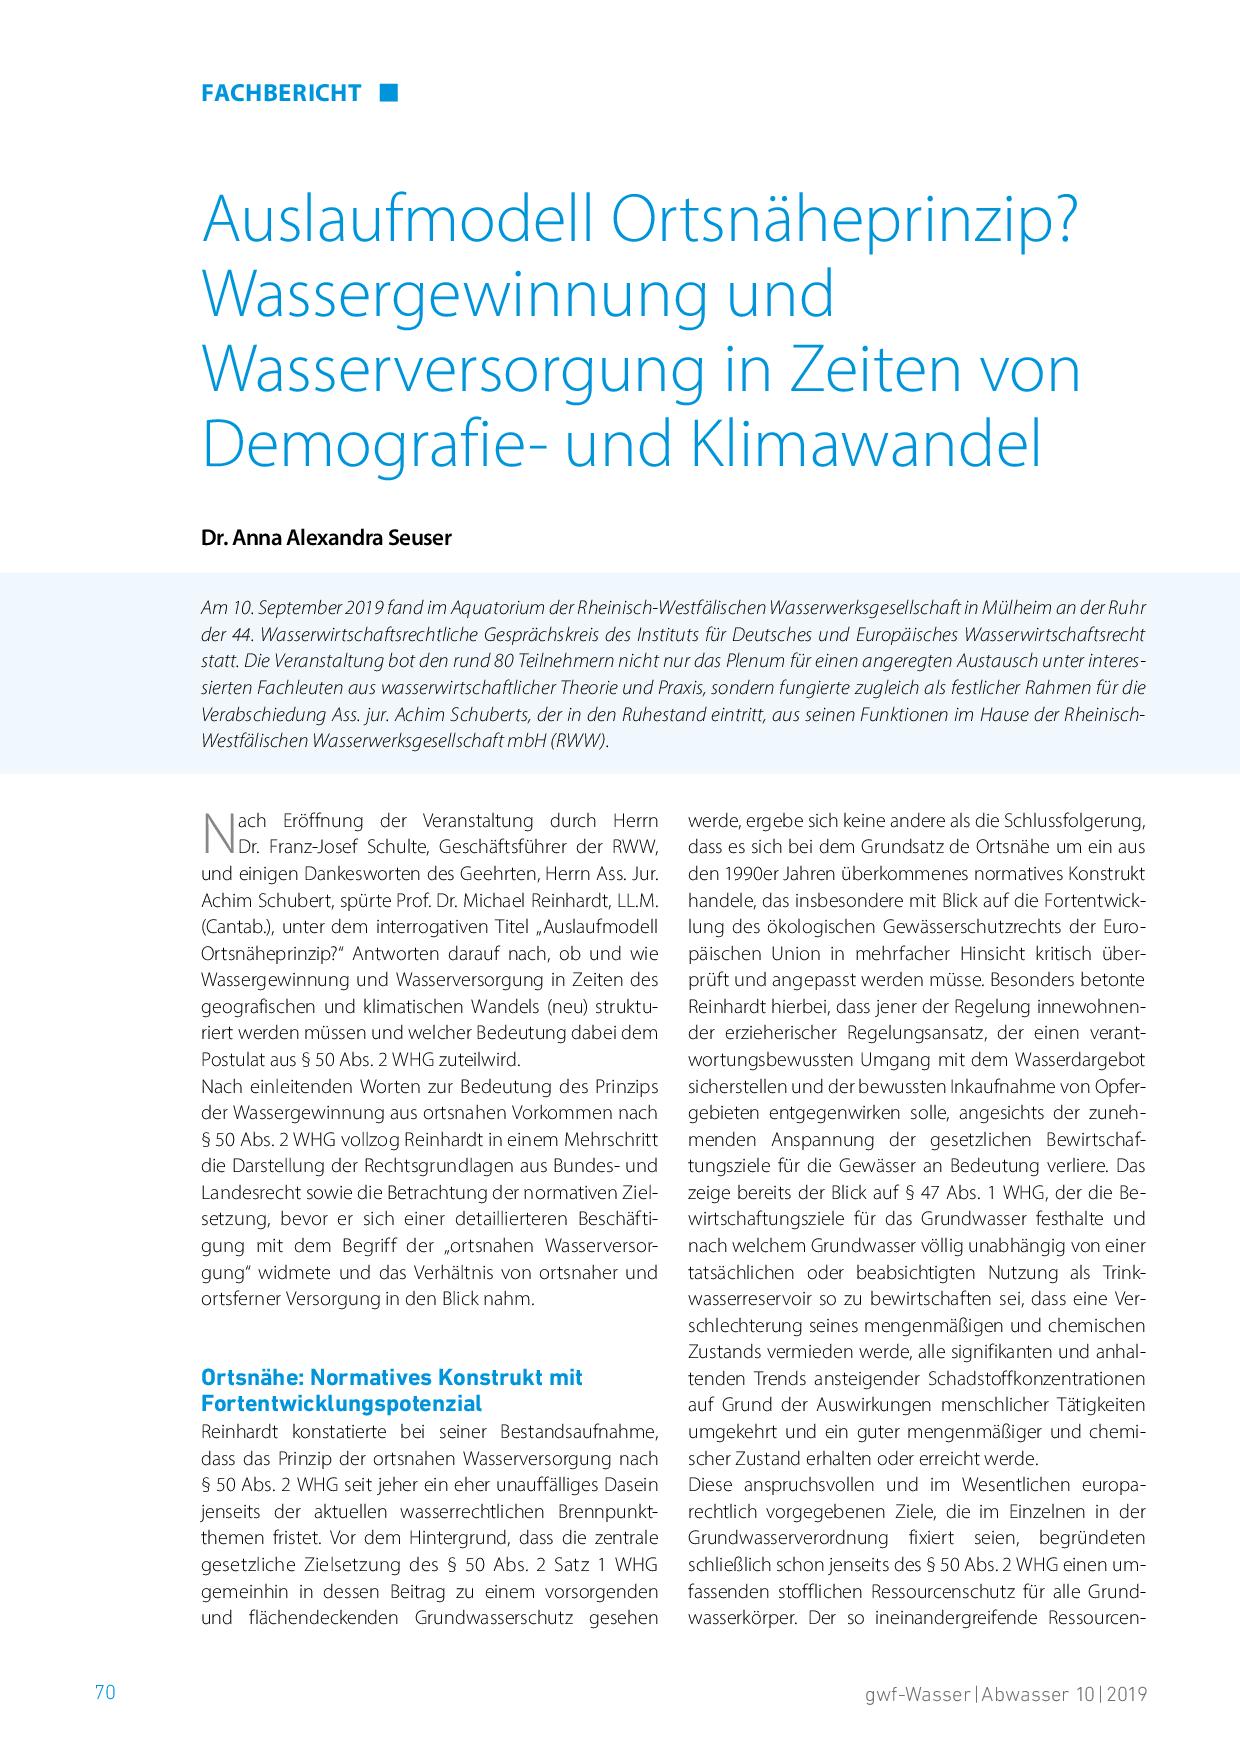 Auslaufmodell Ortsnäheprinzip? Wassergewinnung und Wasserversorgung in Zeiten von Demografie- und Klimawandel